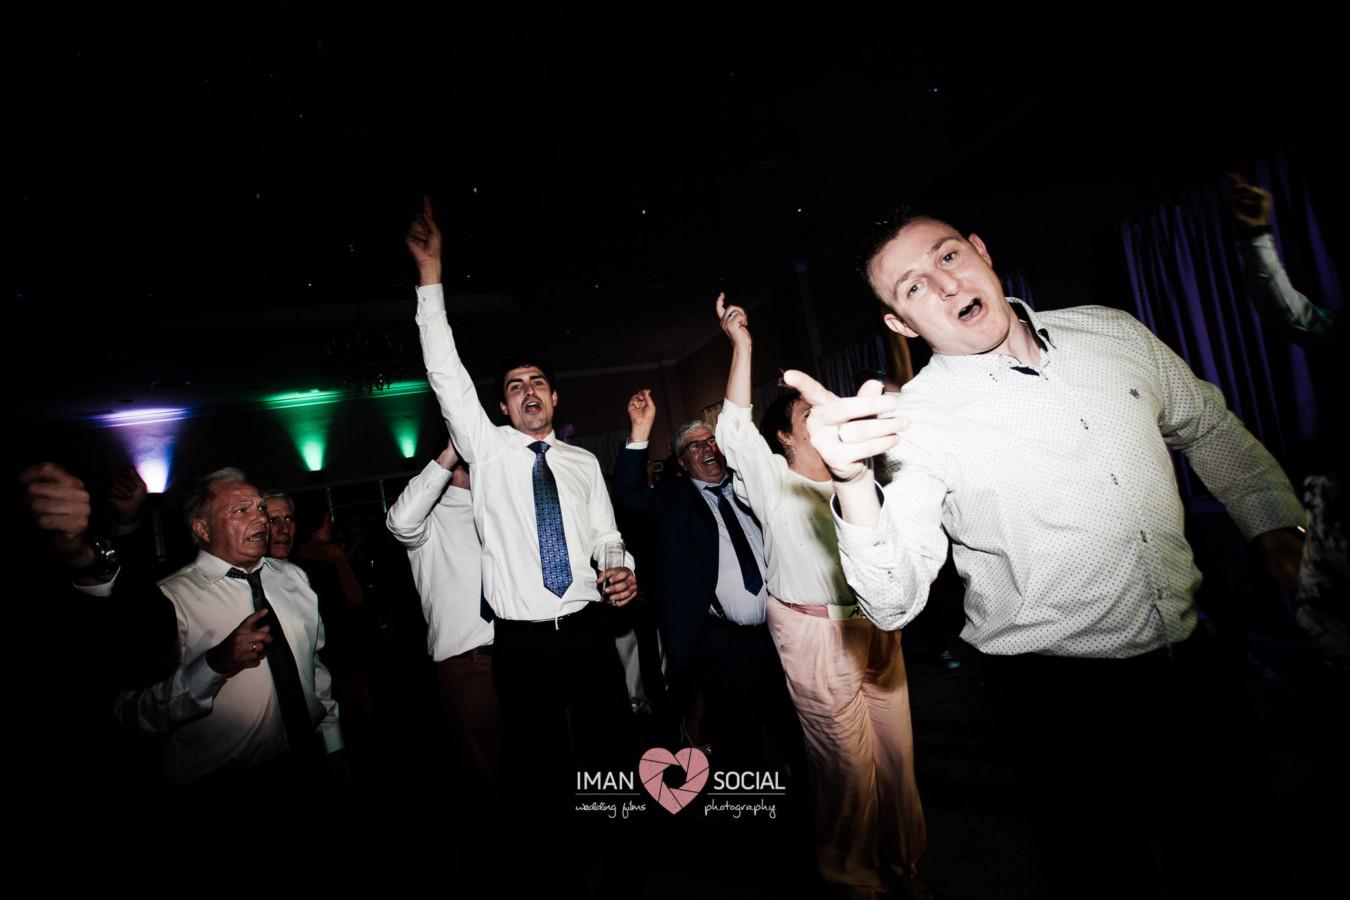 fotografo-de-boda-en-cordoba-sevilla-posadas-boda-auxi-y-antonio-46 Auxi & Antonio, primera boda de la temporada - video boda cordoba